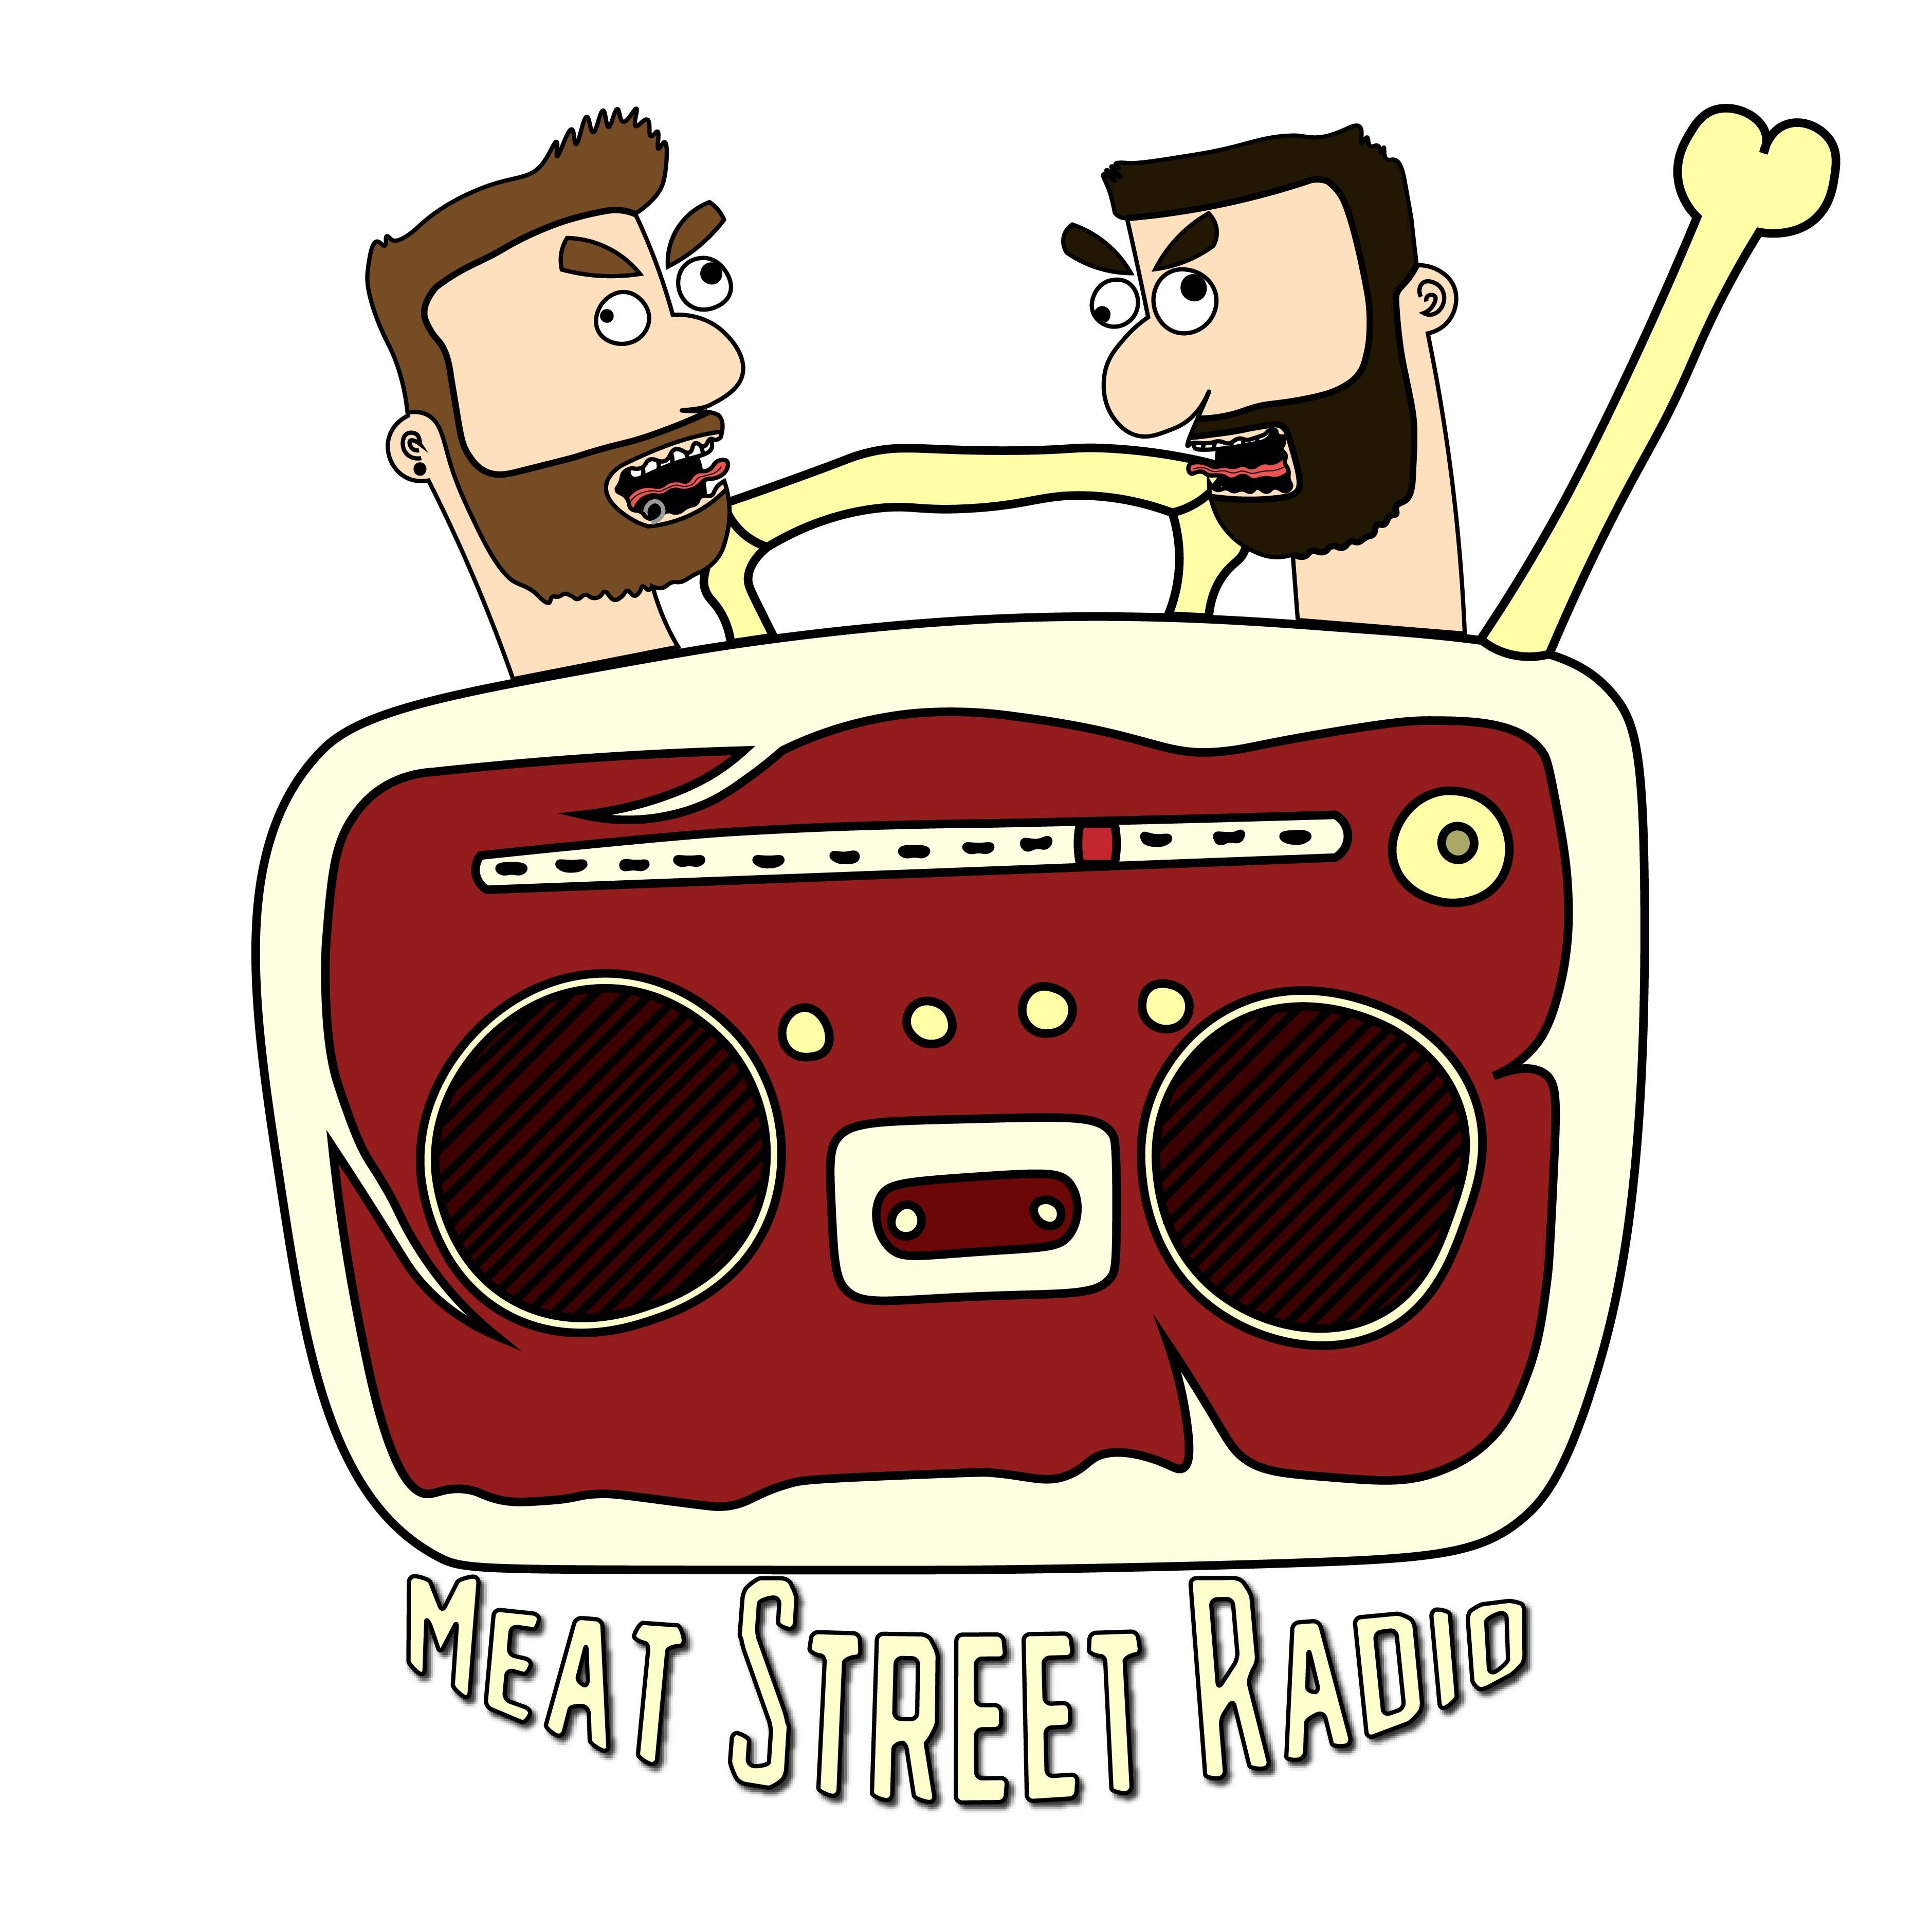 MeatStreetRadio